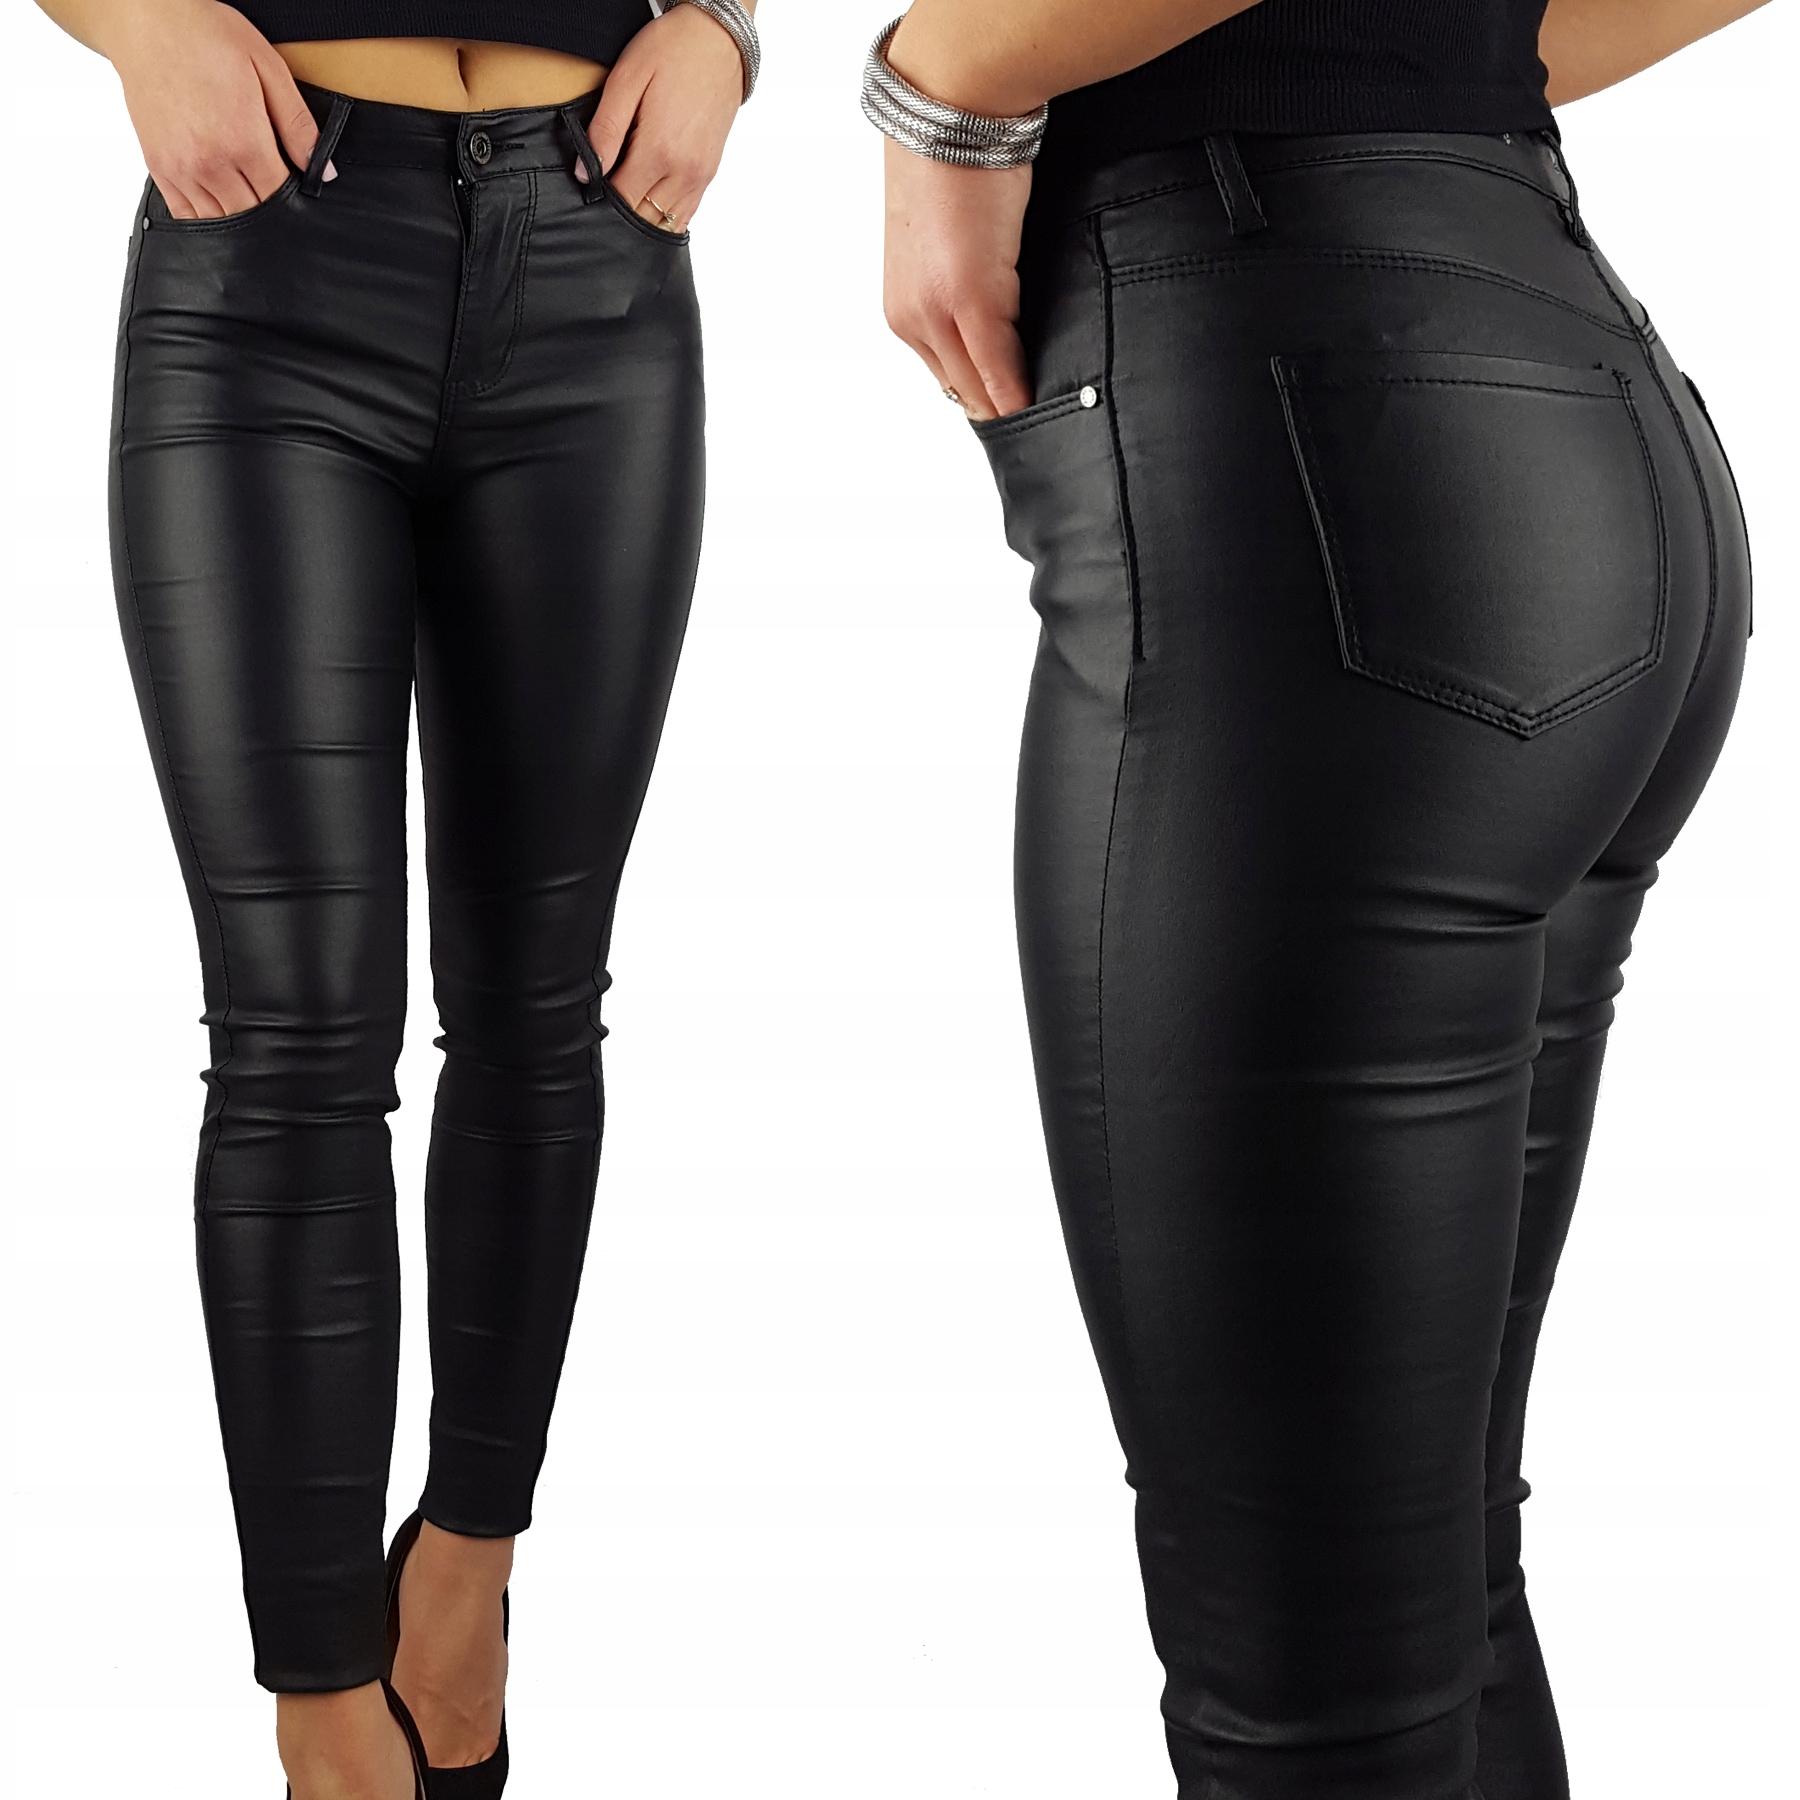 Damskie Spodnie Modelujące Woskowane Plus Size